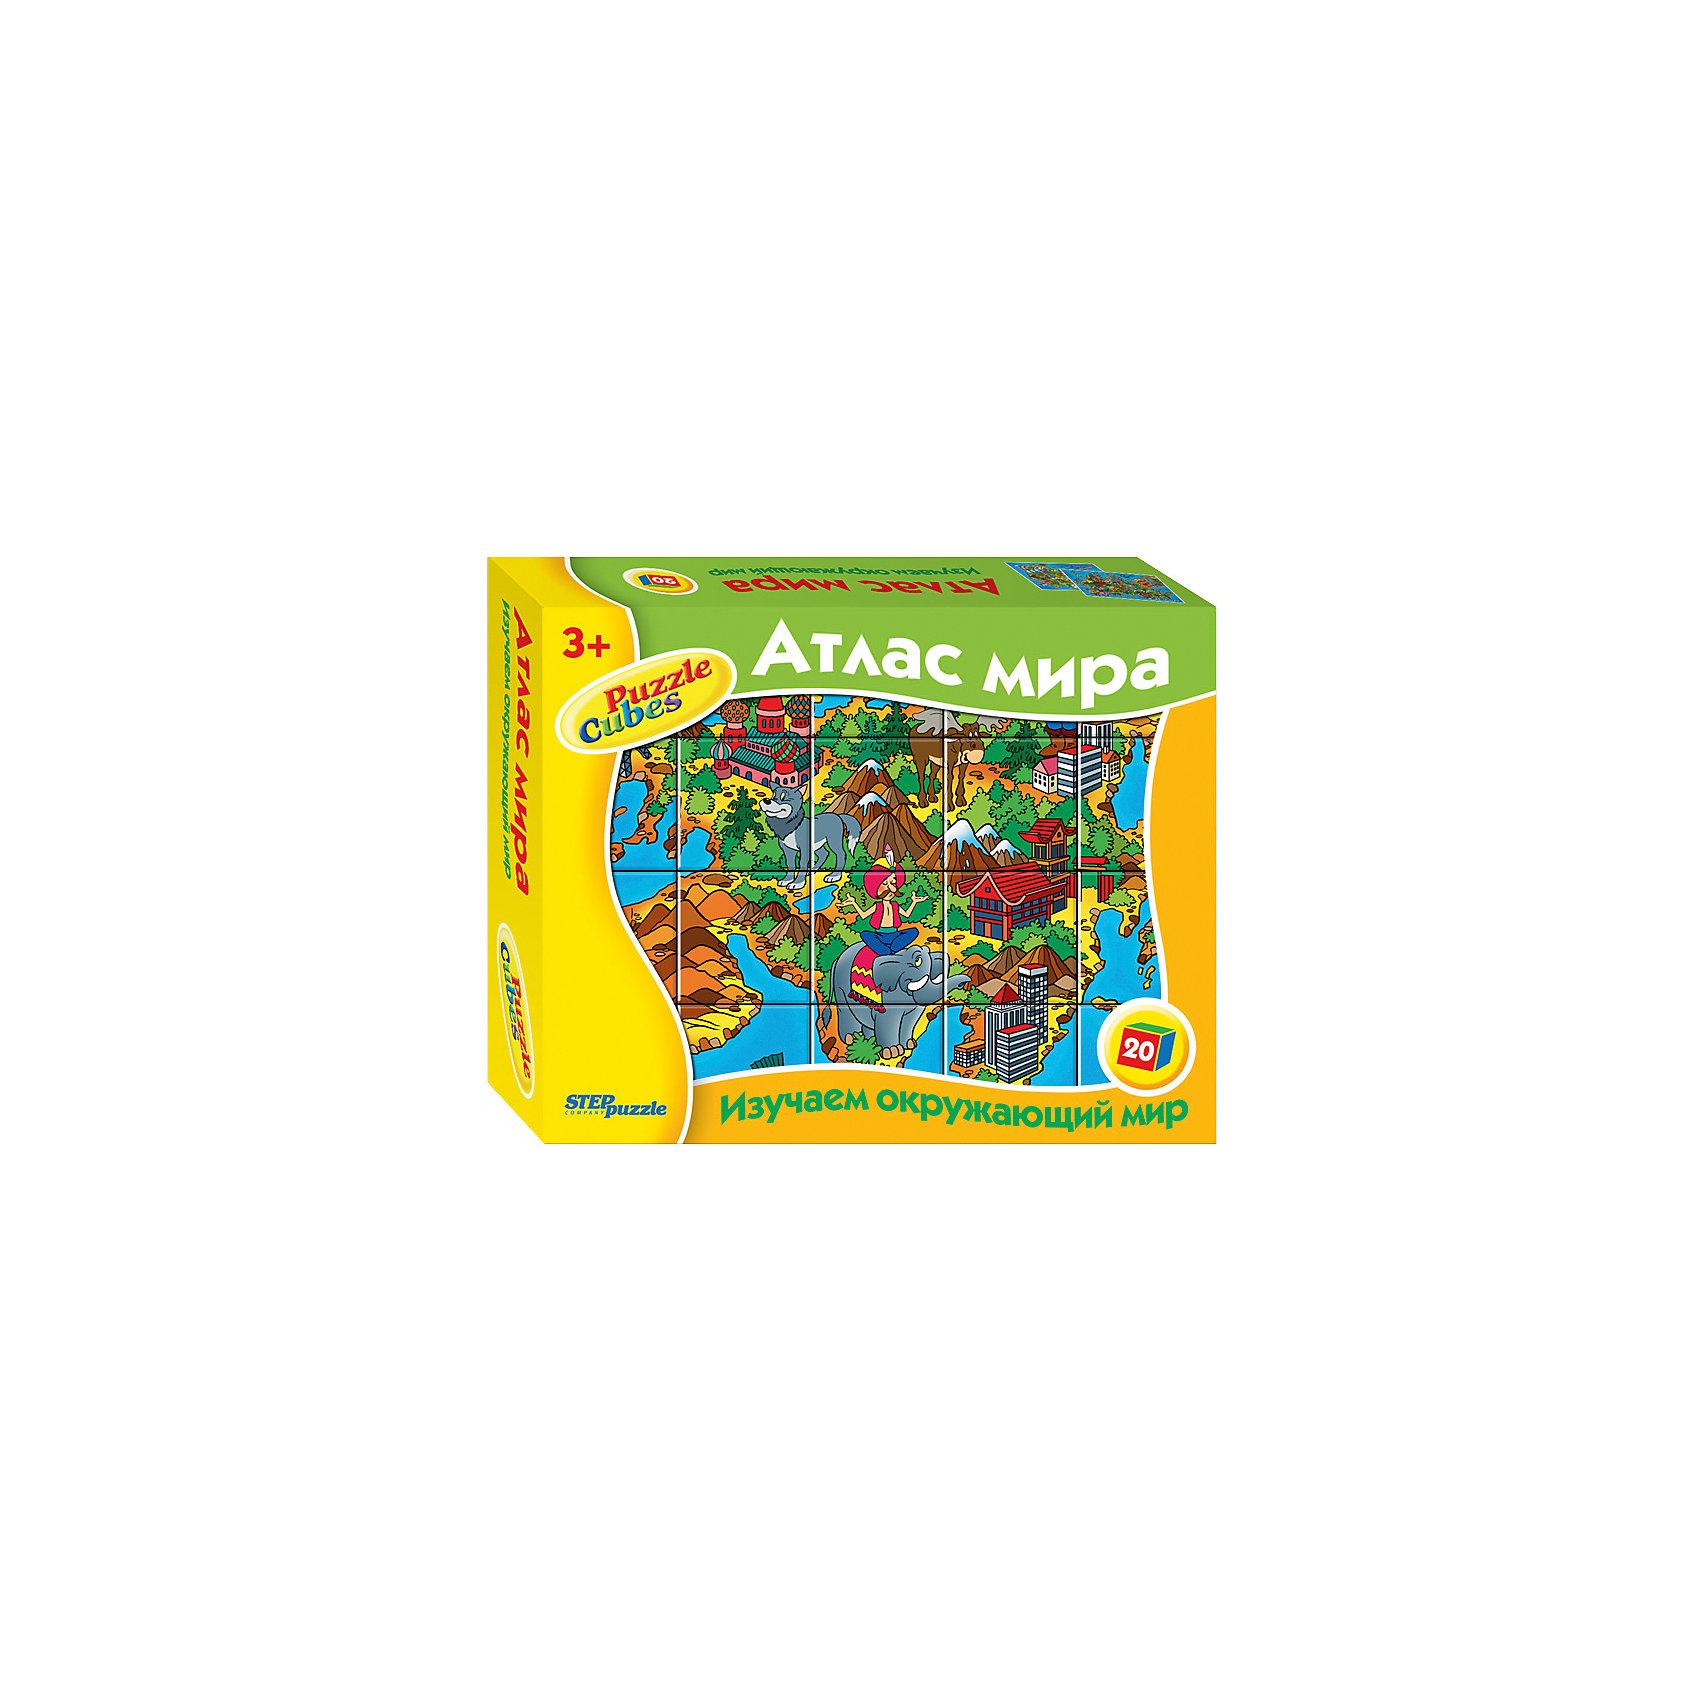 Кубики Атлас мира, 20 шт, Step PuzzleКубики Атлас мира, 20 шт, от марки Step Puzzle<br><br>Кубики - отличный способ с удовольствием провести время! Такое занятие поможет ребенку развить моторику, активизировать мыслительные процессы, улучшить внимание, логику и тренировать память.<br>Процесс собирания картинок из кубиков способен занять ребенка надолго! Кубики из серии «Изучаем окружающий мир» помогут детям изучать окружающий мир. Продукция данной компании сделана из проверенных материалов, безвредных для детей. Каждая деталь выполнена очень качественно. <br><br>Отличительные особенности пазла:<br><br>- количество элементов: 20;<br>- картинки: Атлас мира;<br>- размер кубика: 40х40х40 мм;<br>- размер упаковки: 200x155x40 мм;<br>- вес: 0,36 кг.<br><br>Кубики Атлас мира, 20 шт, от марки Step Puzzle можно купить в нашем магазине.<br><br>Ширина мм: 515<br>Глубина мм: 355<br>Высота мм: 225<br>Вес г: 432<br>Возраст от месяцев: 36<br>Возраст до месяцев: 84<br>Пол: Унисекс<br>Возраст: Детский<br>SKU: 4661357